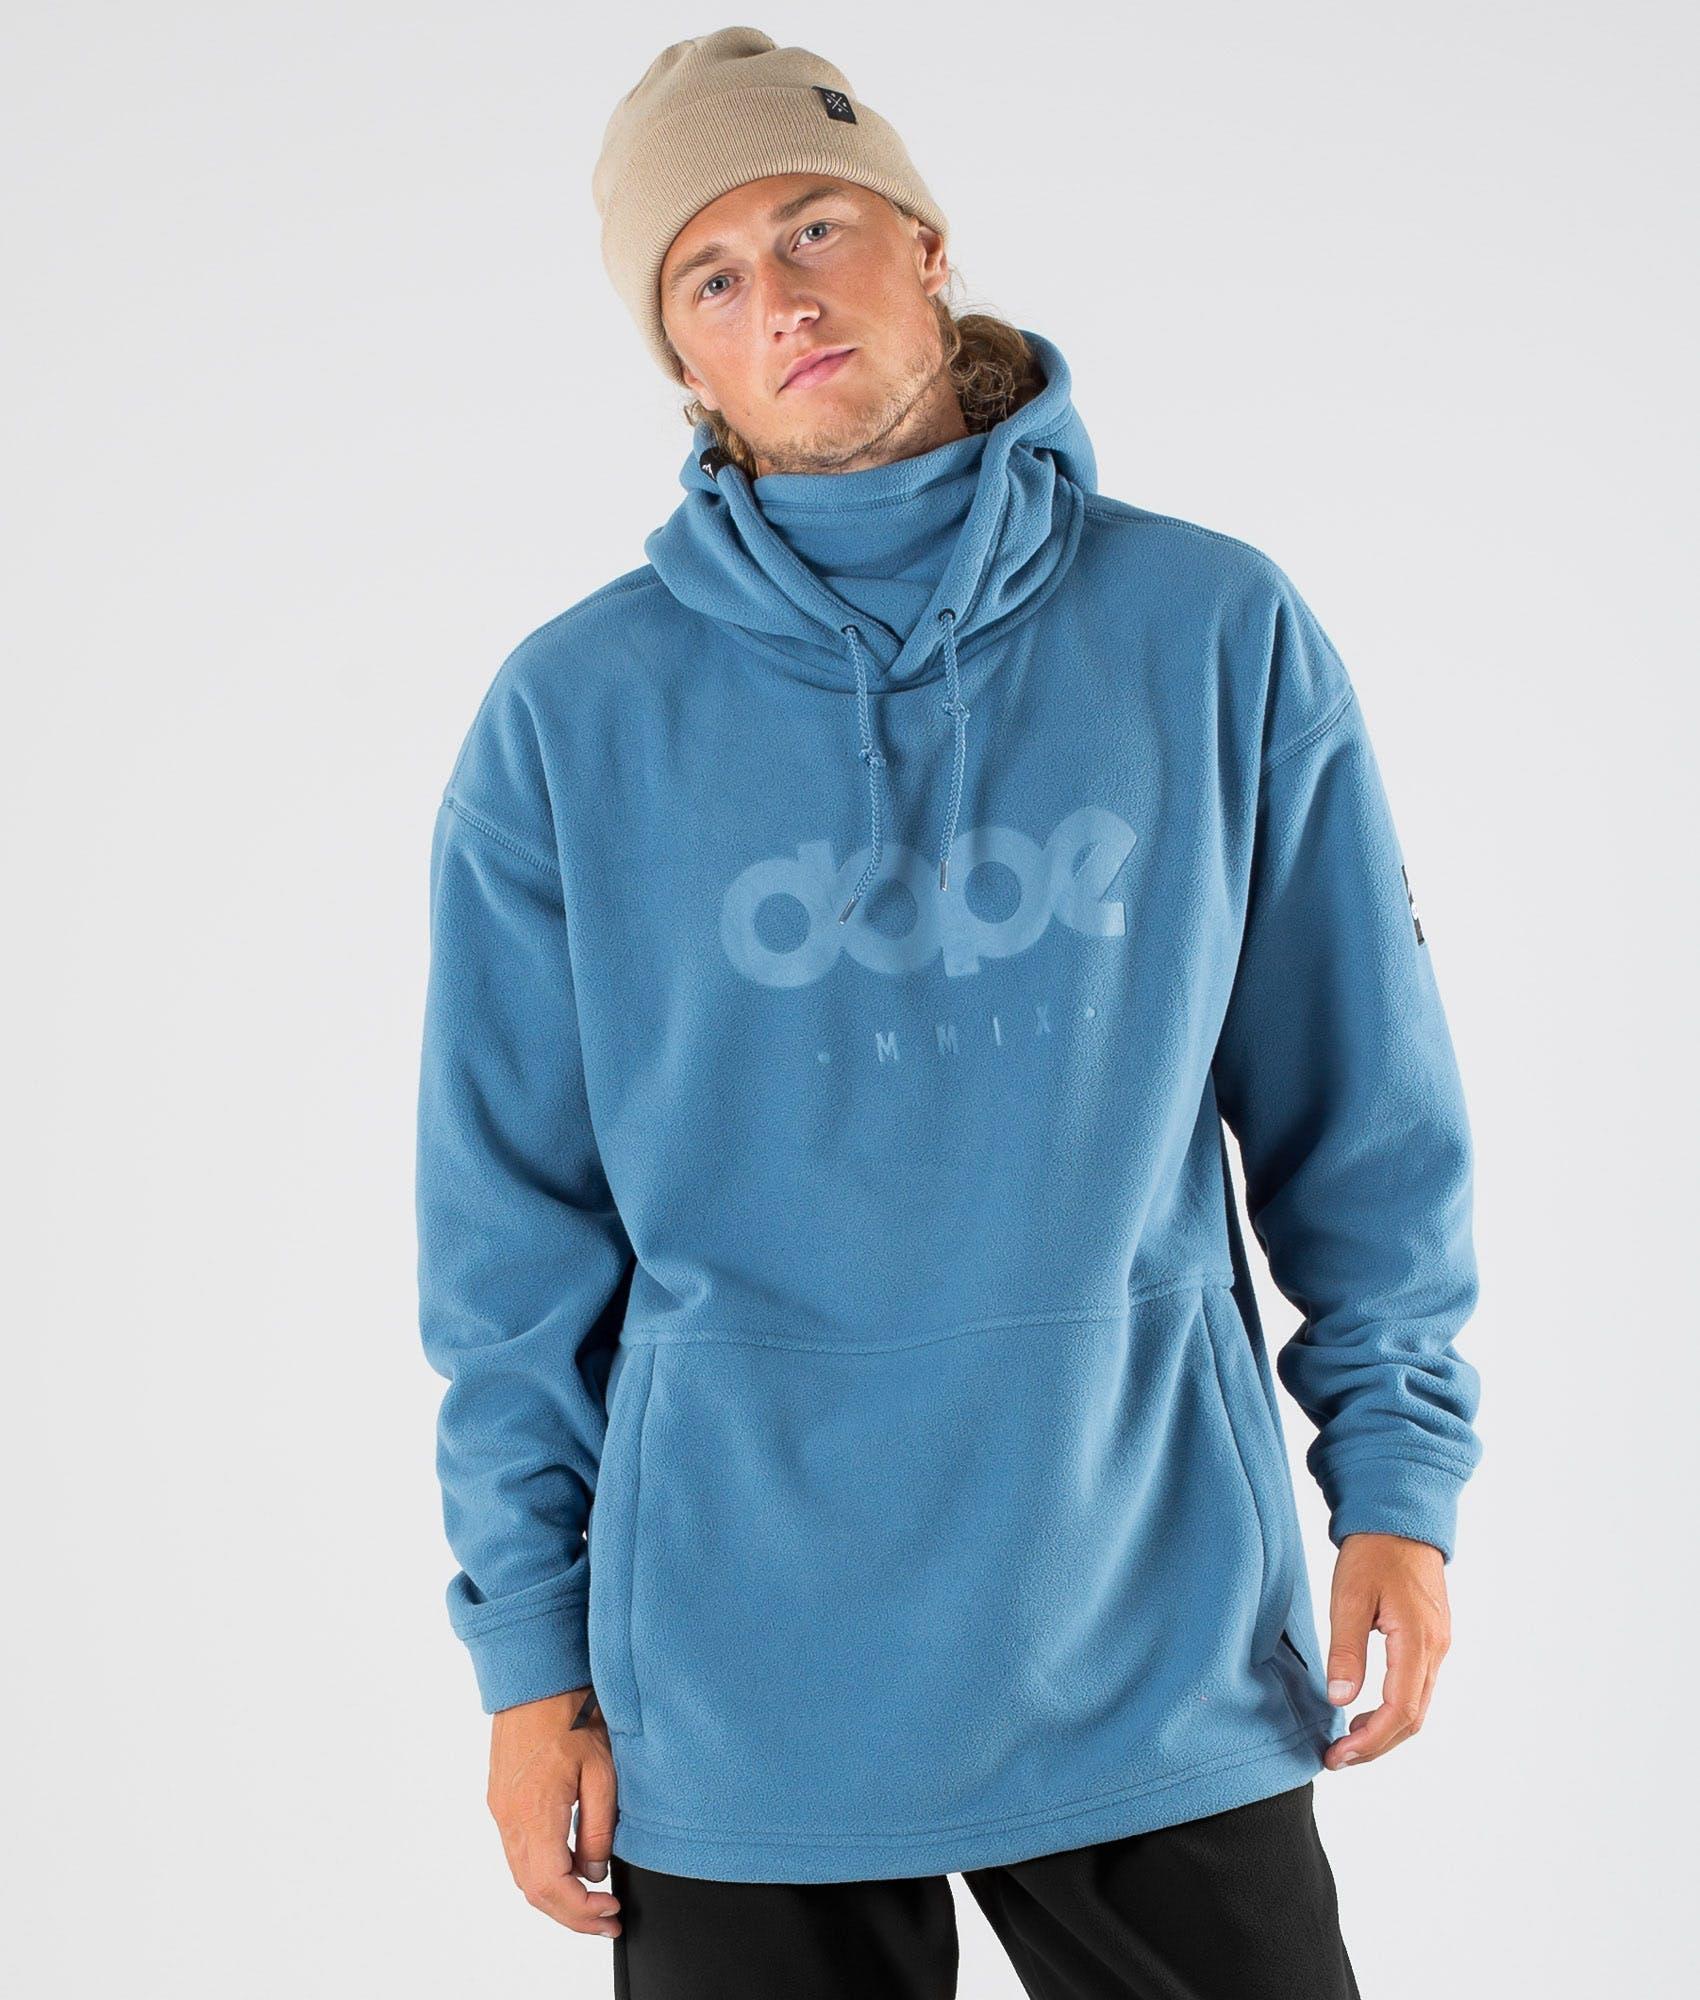 Dope cozy ii blue